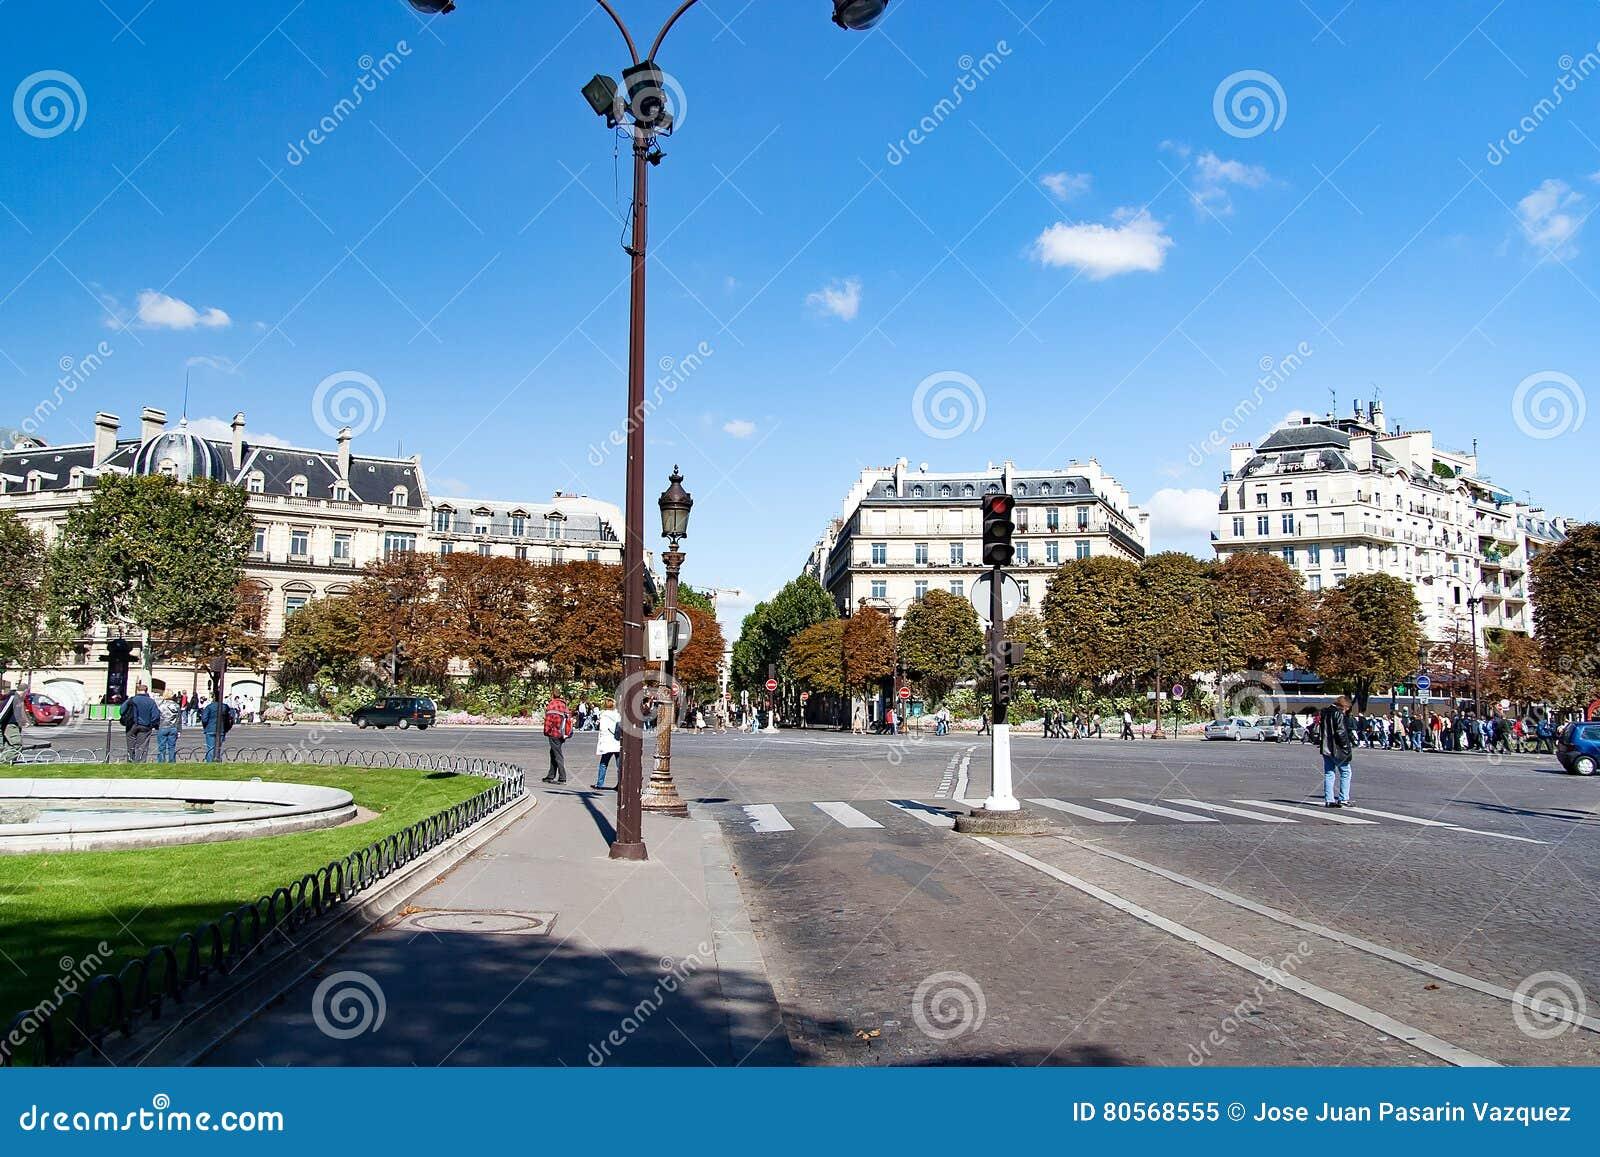 Beroemde Mensen In Parijs.Meningen Van Gebouwen Monumenten En Beroemde Plaatsen In